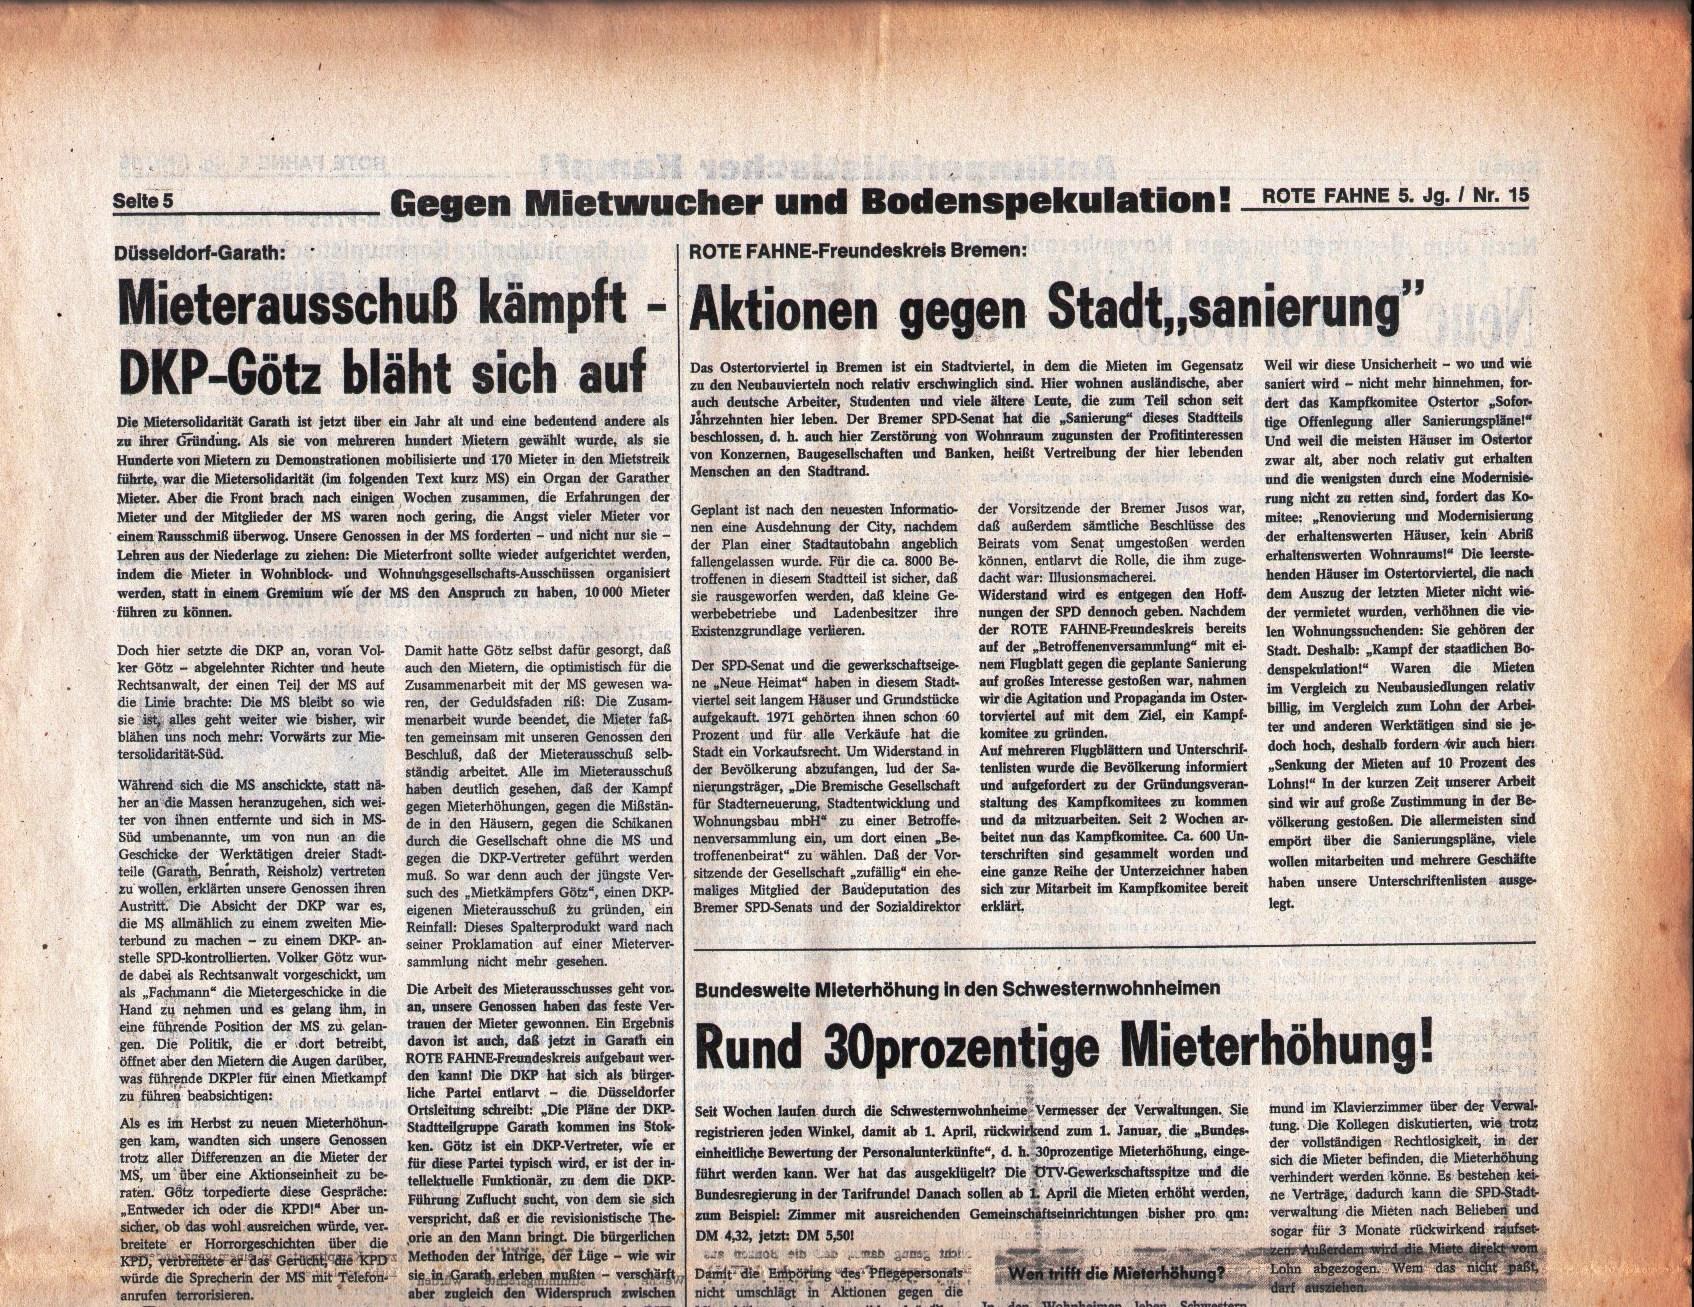 KPD_Rote_Fahne_1974_15_09